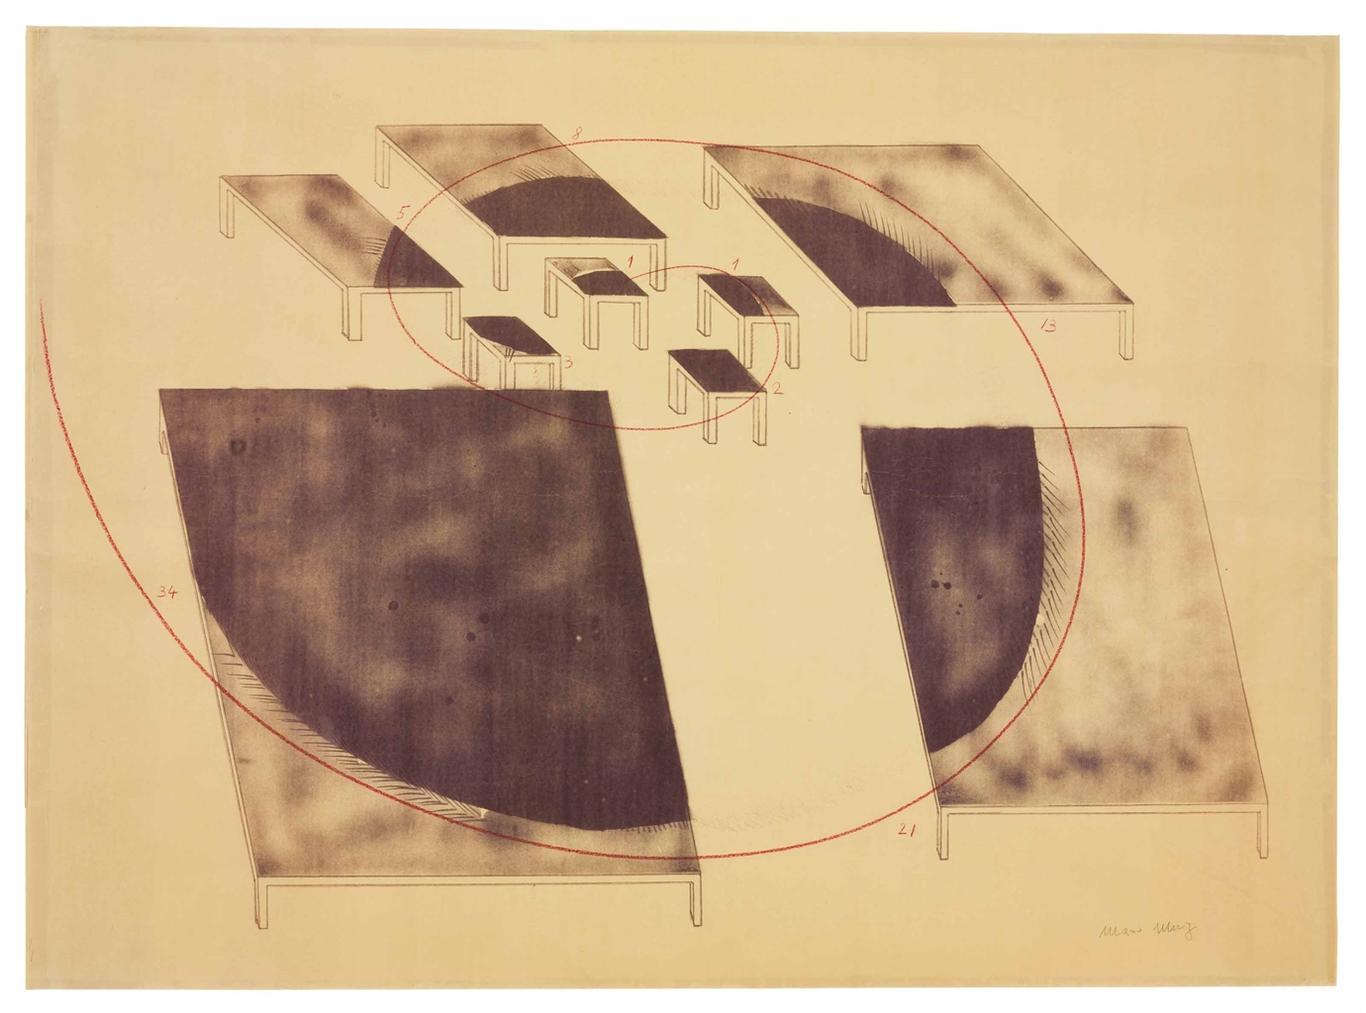 Mario Merz-Untitled-1973